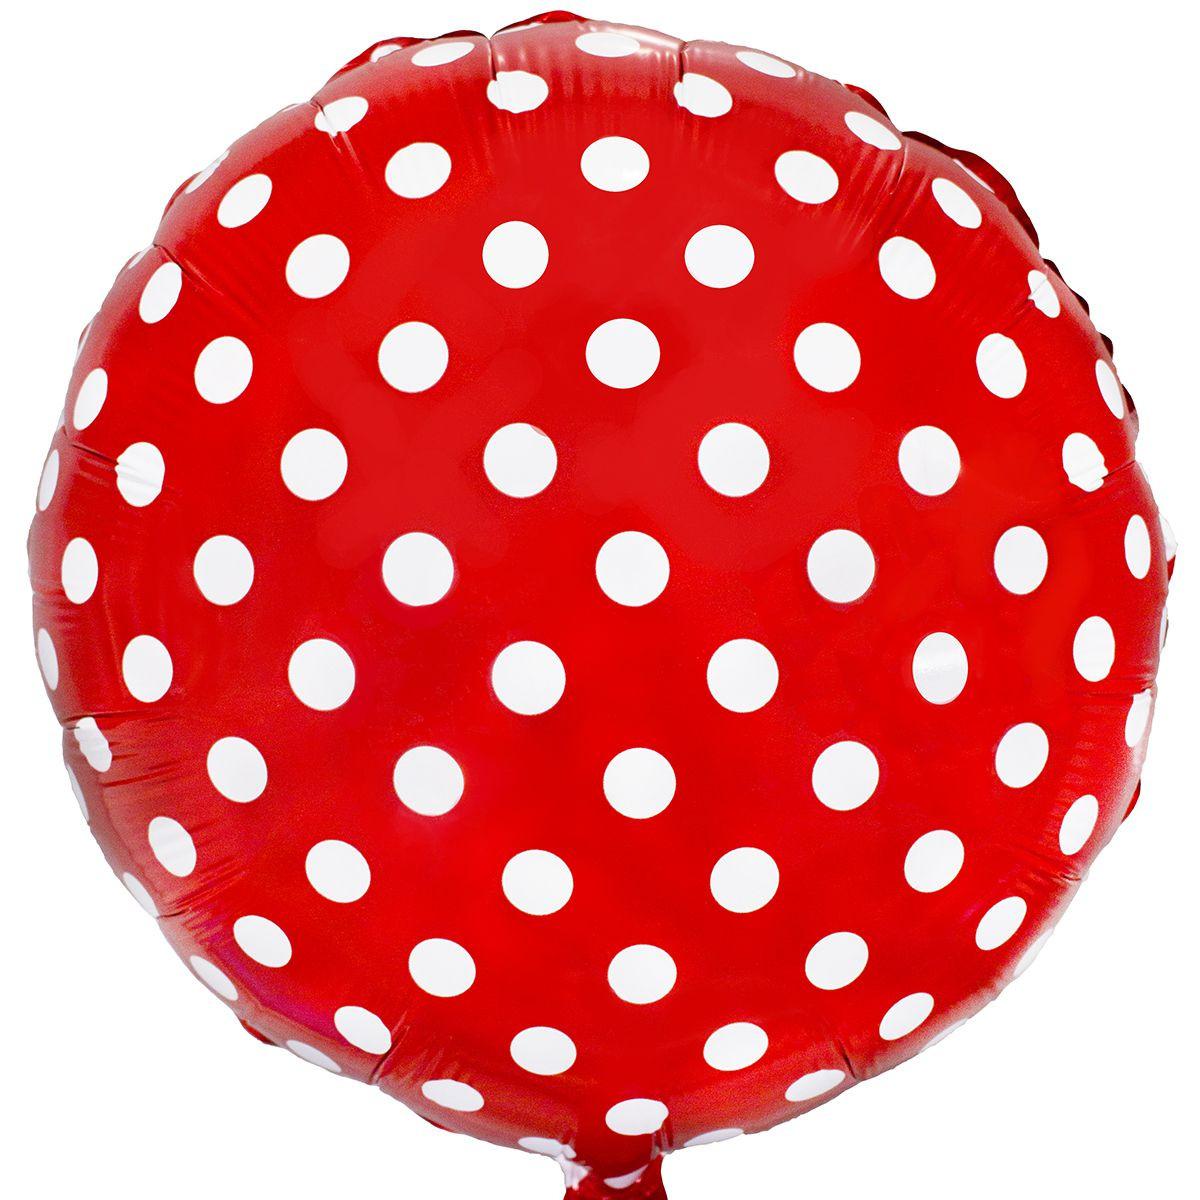 1202-2168 Фольгированный шар в горошек 44 см